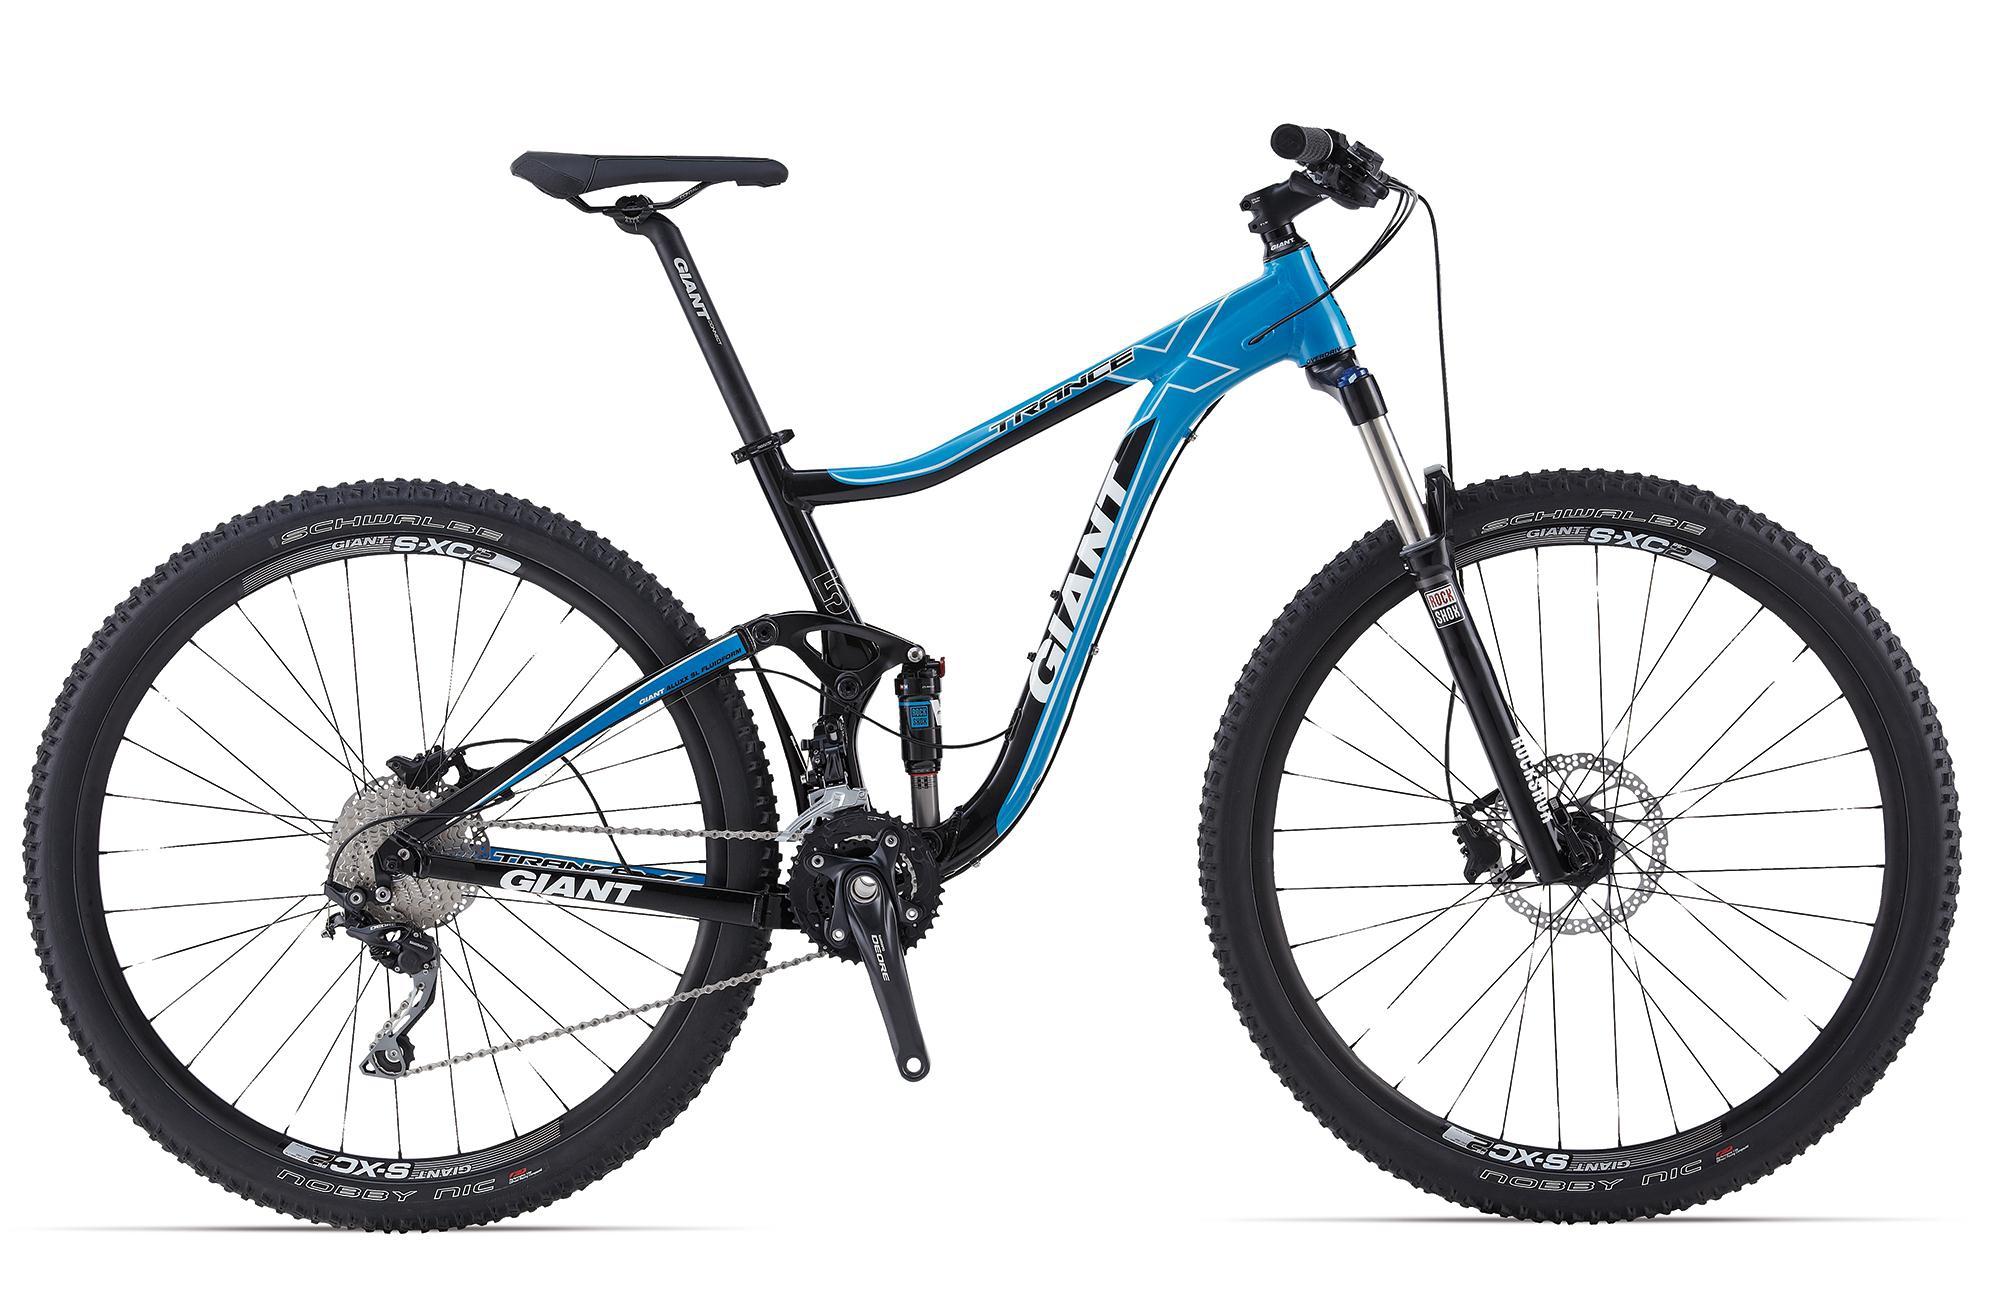 Велосипед двухподвес Giant Trance X 29ER 2 (2014), Цвет Сине-Черный, Размер 20